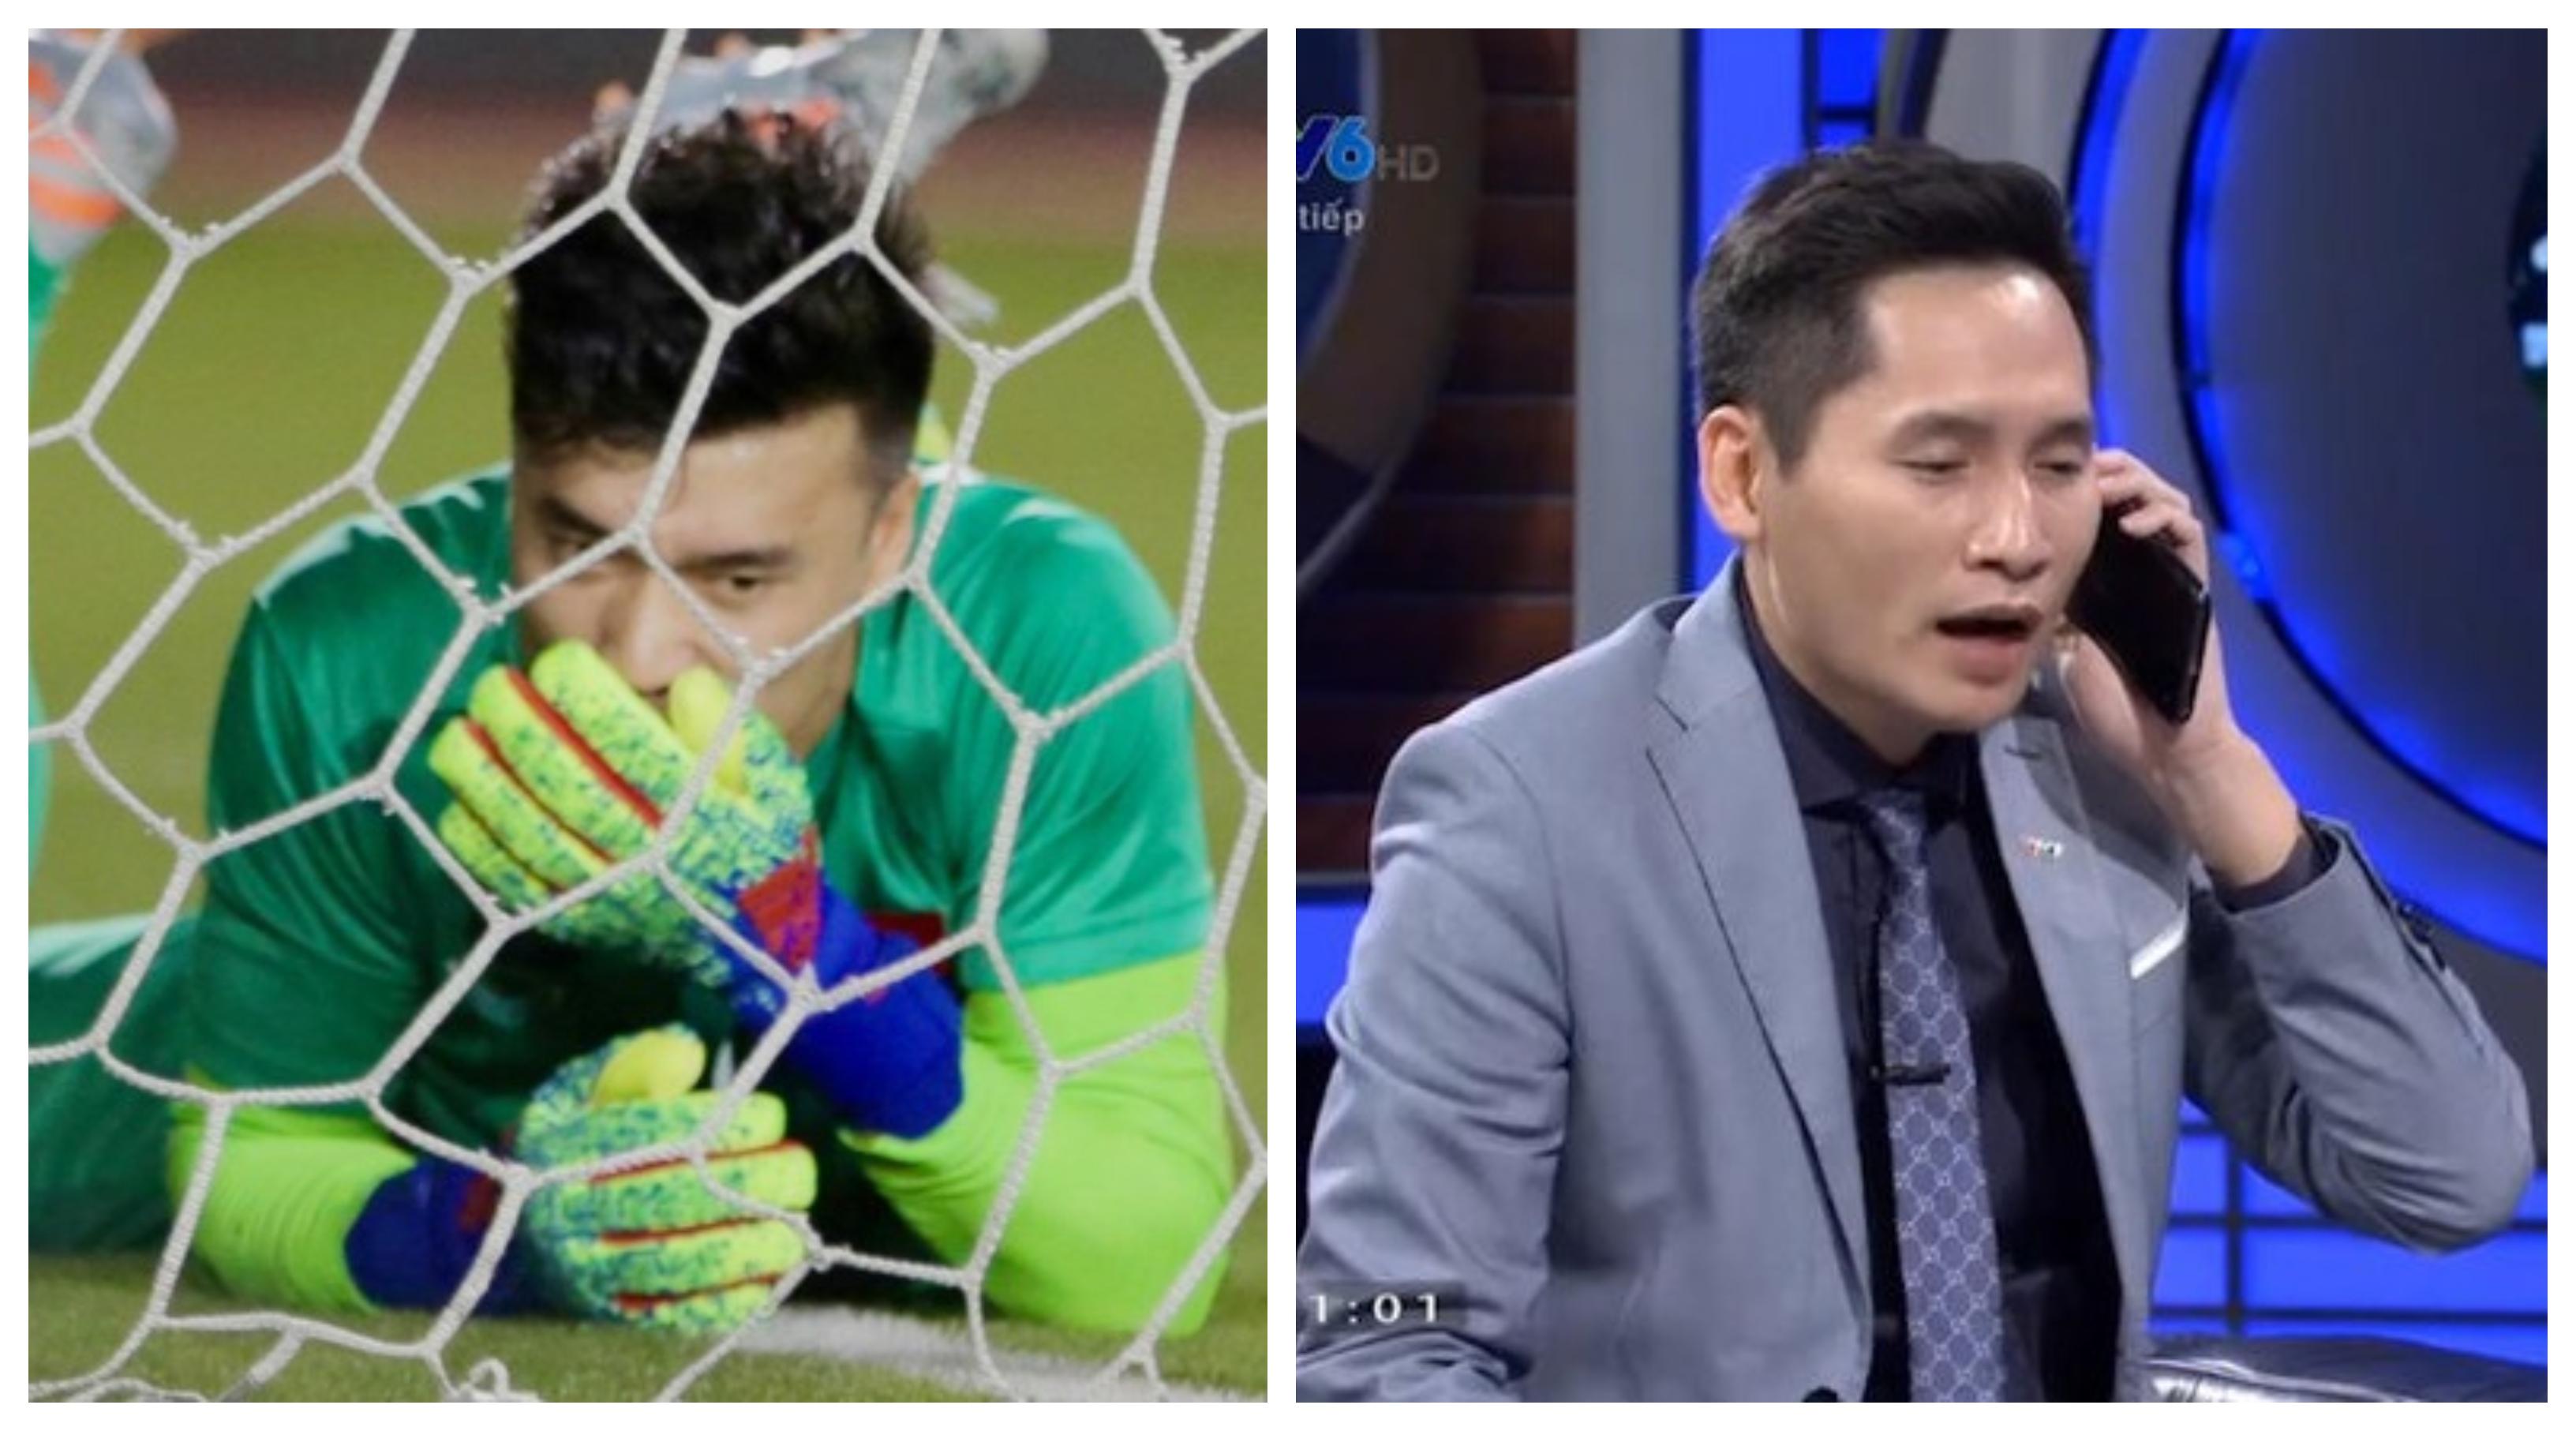 MC Quốc Khánh gây phẫn nộ khi mỉa mai Bùi Tiến Dũng trên truyền hình hậu trận đấu với Indonesia